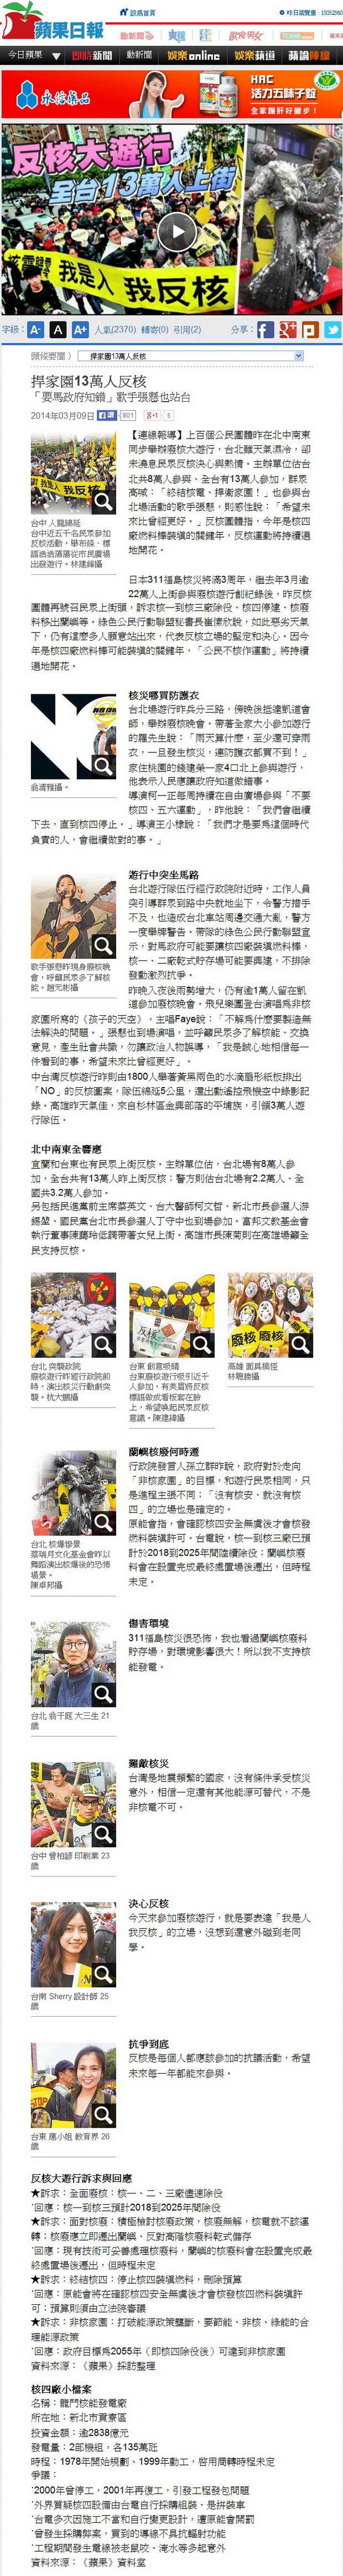 捍家園13萬人反核  -2014.03.09-01.jpg